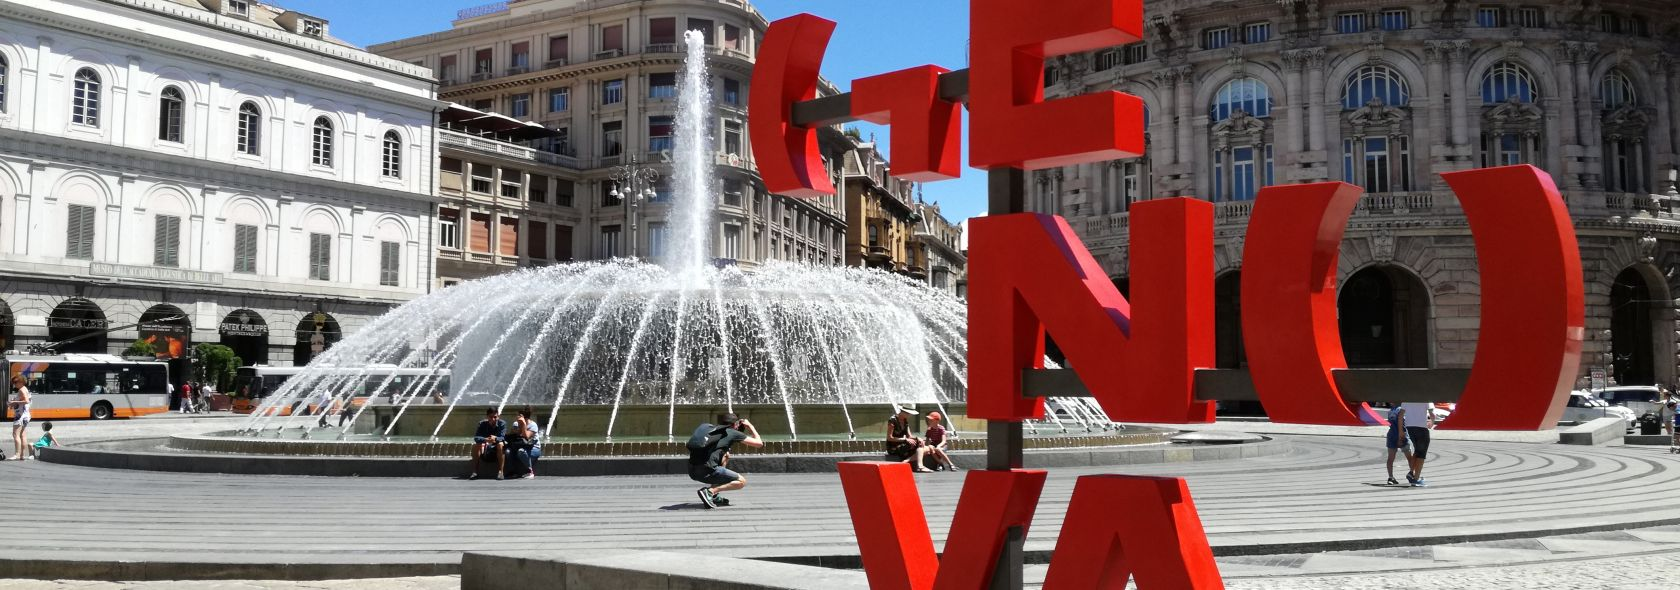 Piazza De Ferrrari